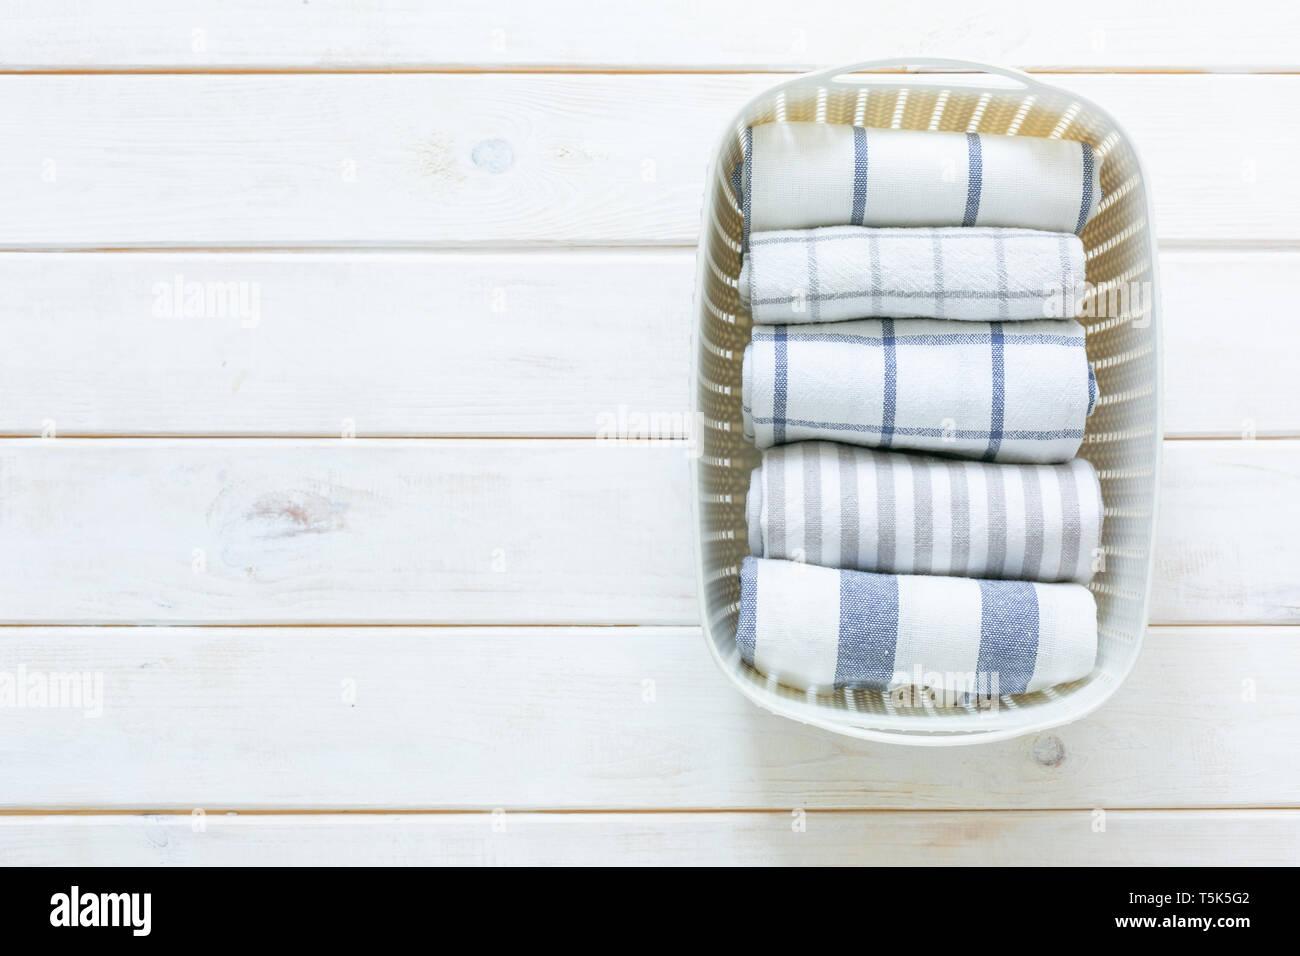 Marie Kondo aufräumen Konzept - gefaltet Küche Handtücher in ...